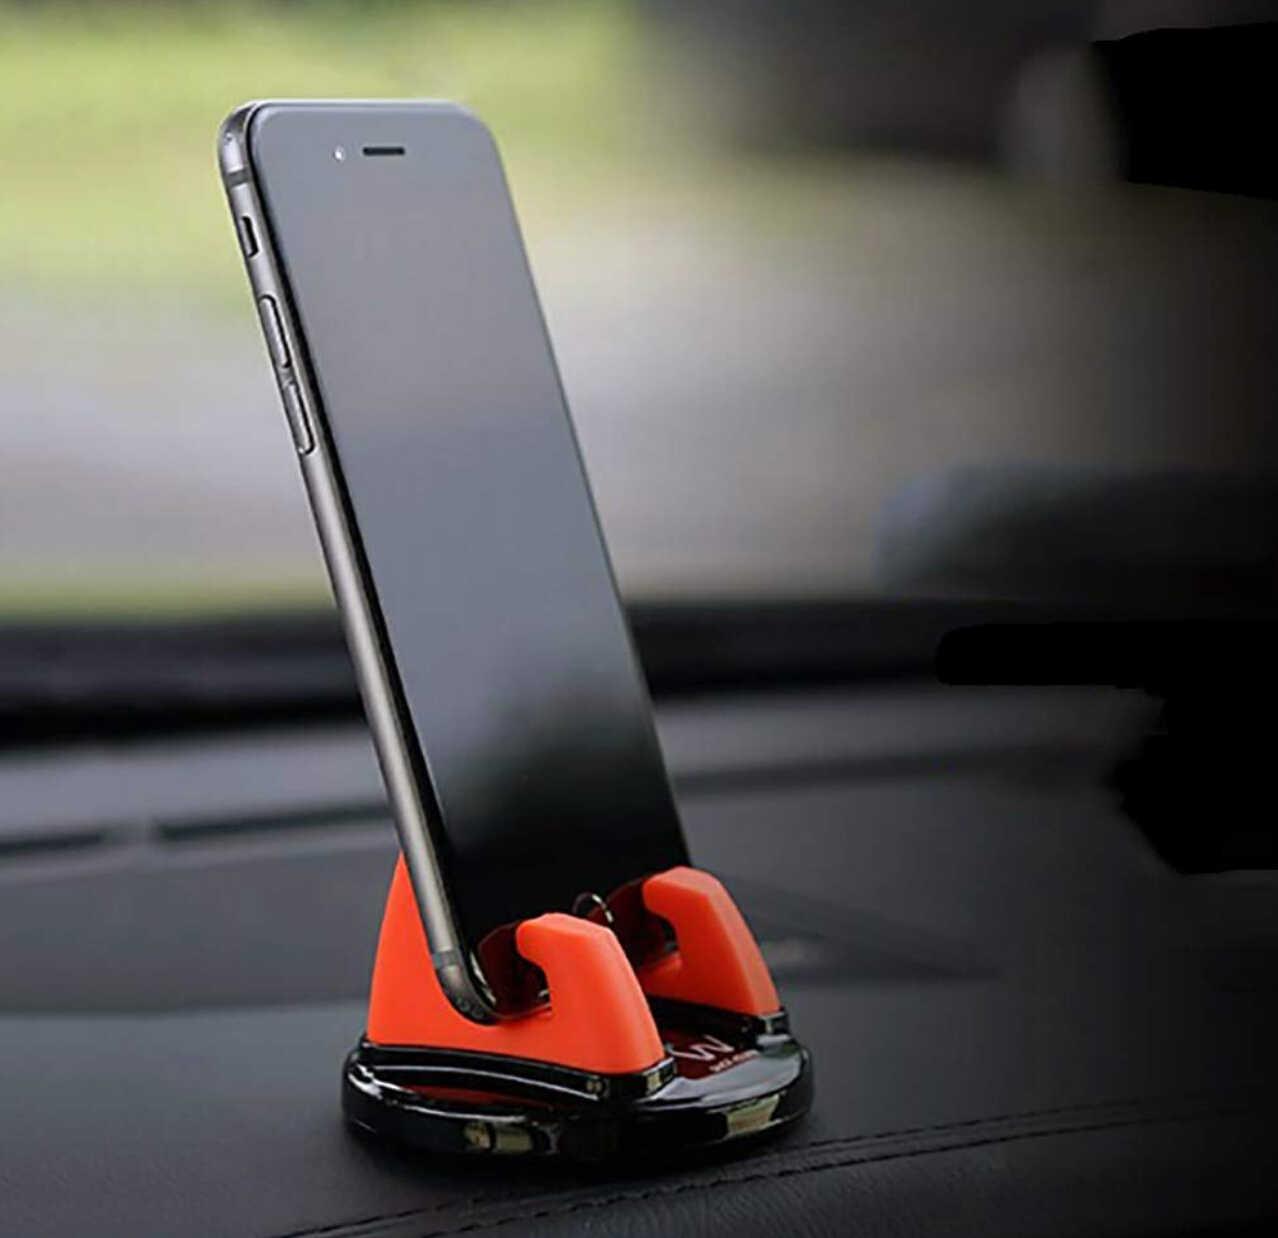 Автомобильный орнамент универсальный держатель телефона для honda crf 450 2016 subaru b4 toyota corolla 2017 bmw e90 mazda CX-5 2018 golf 7 gti